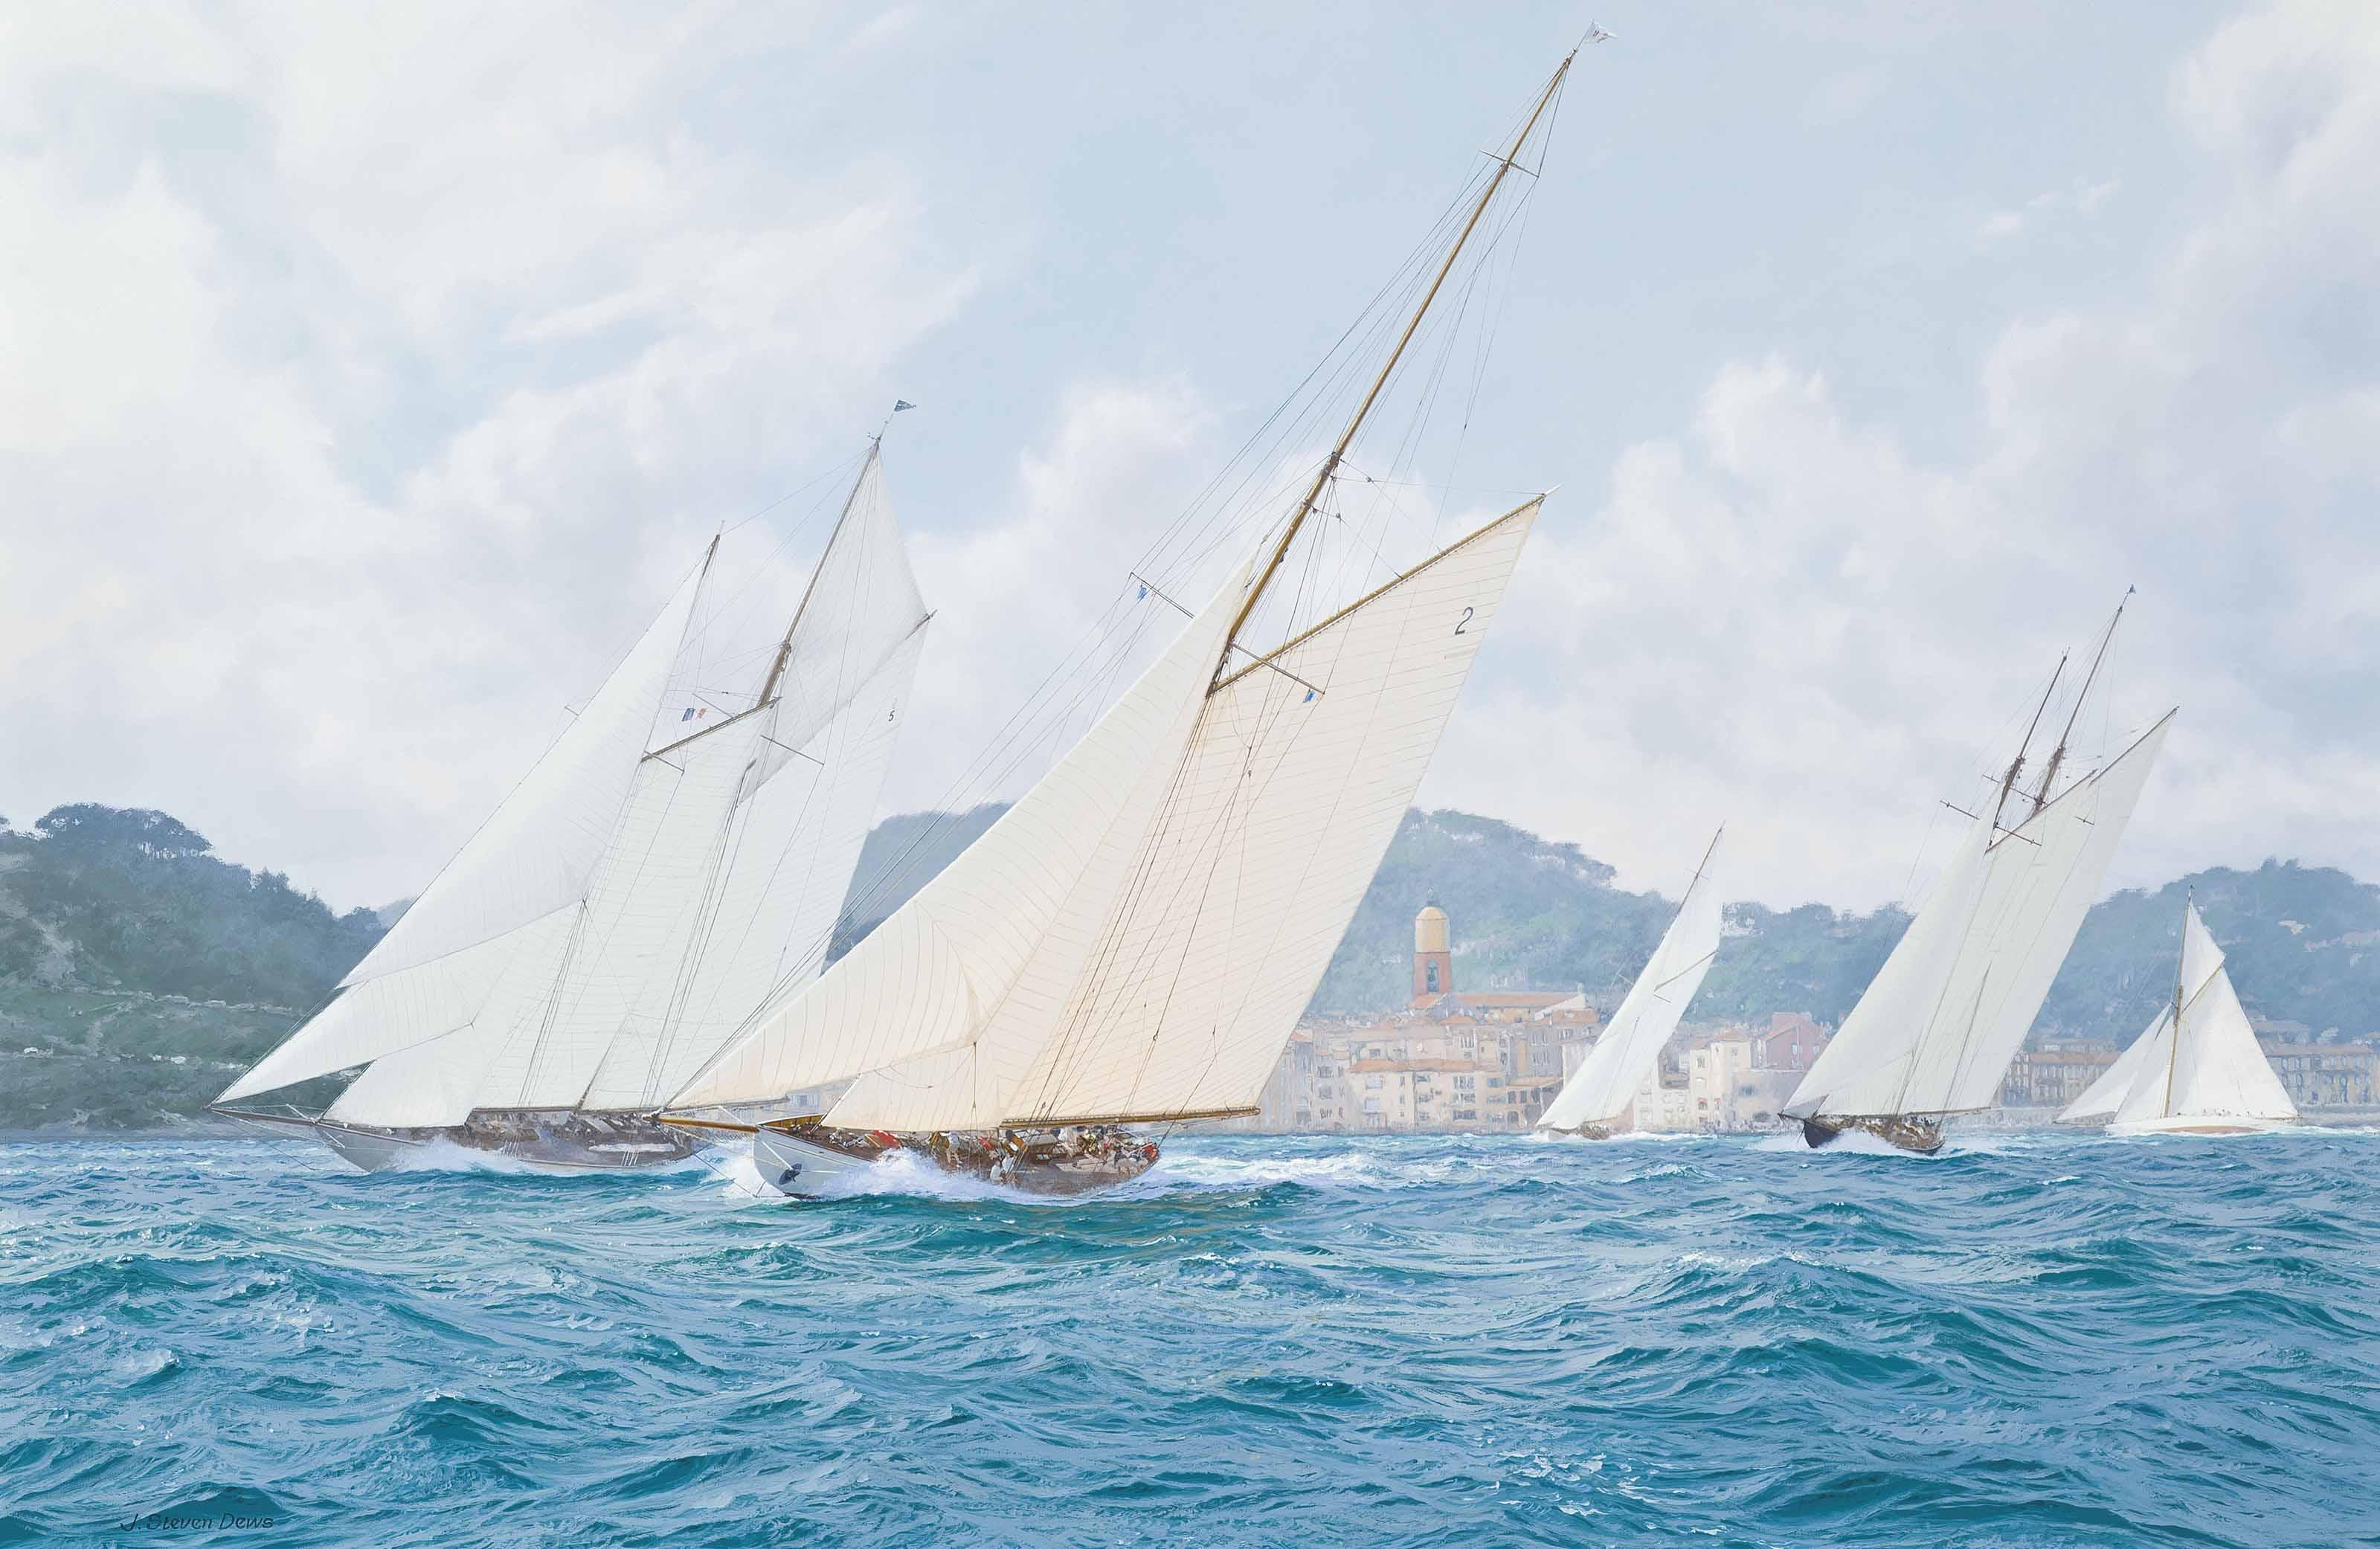 Les Voiles de Saint-Tropez, 1-7 October 2006: Lulworth hard on the wind off St Tropez